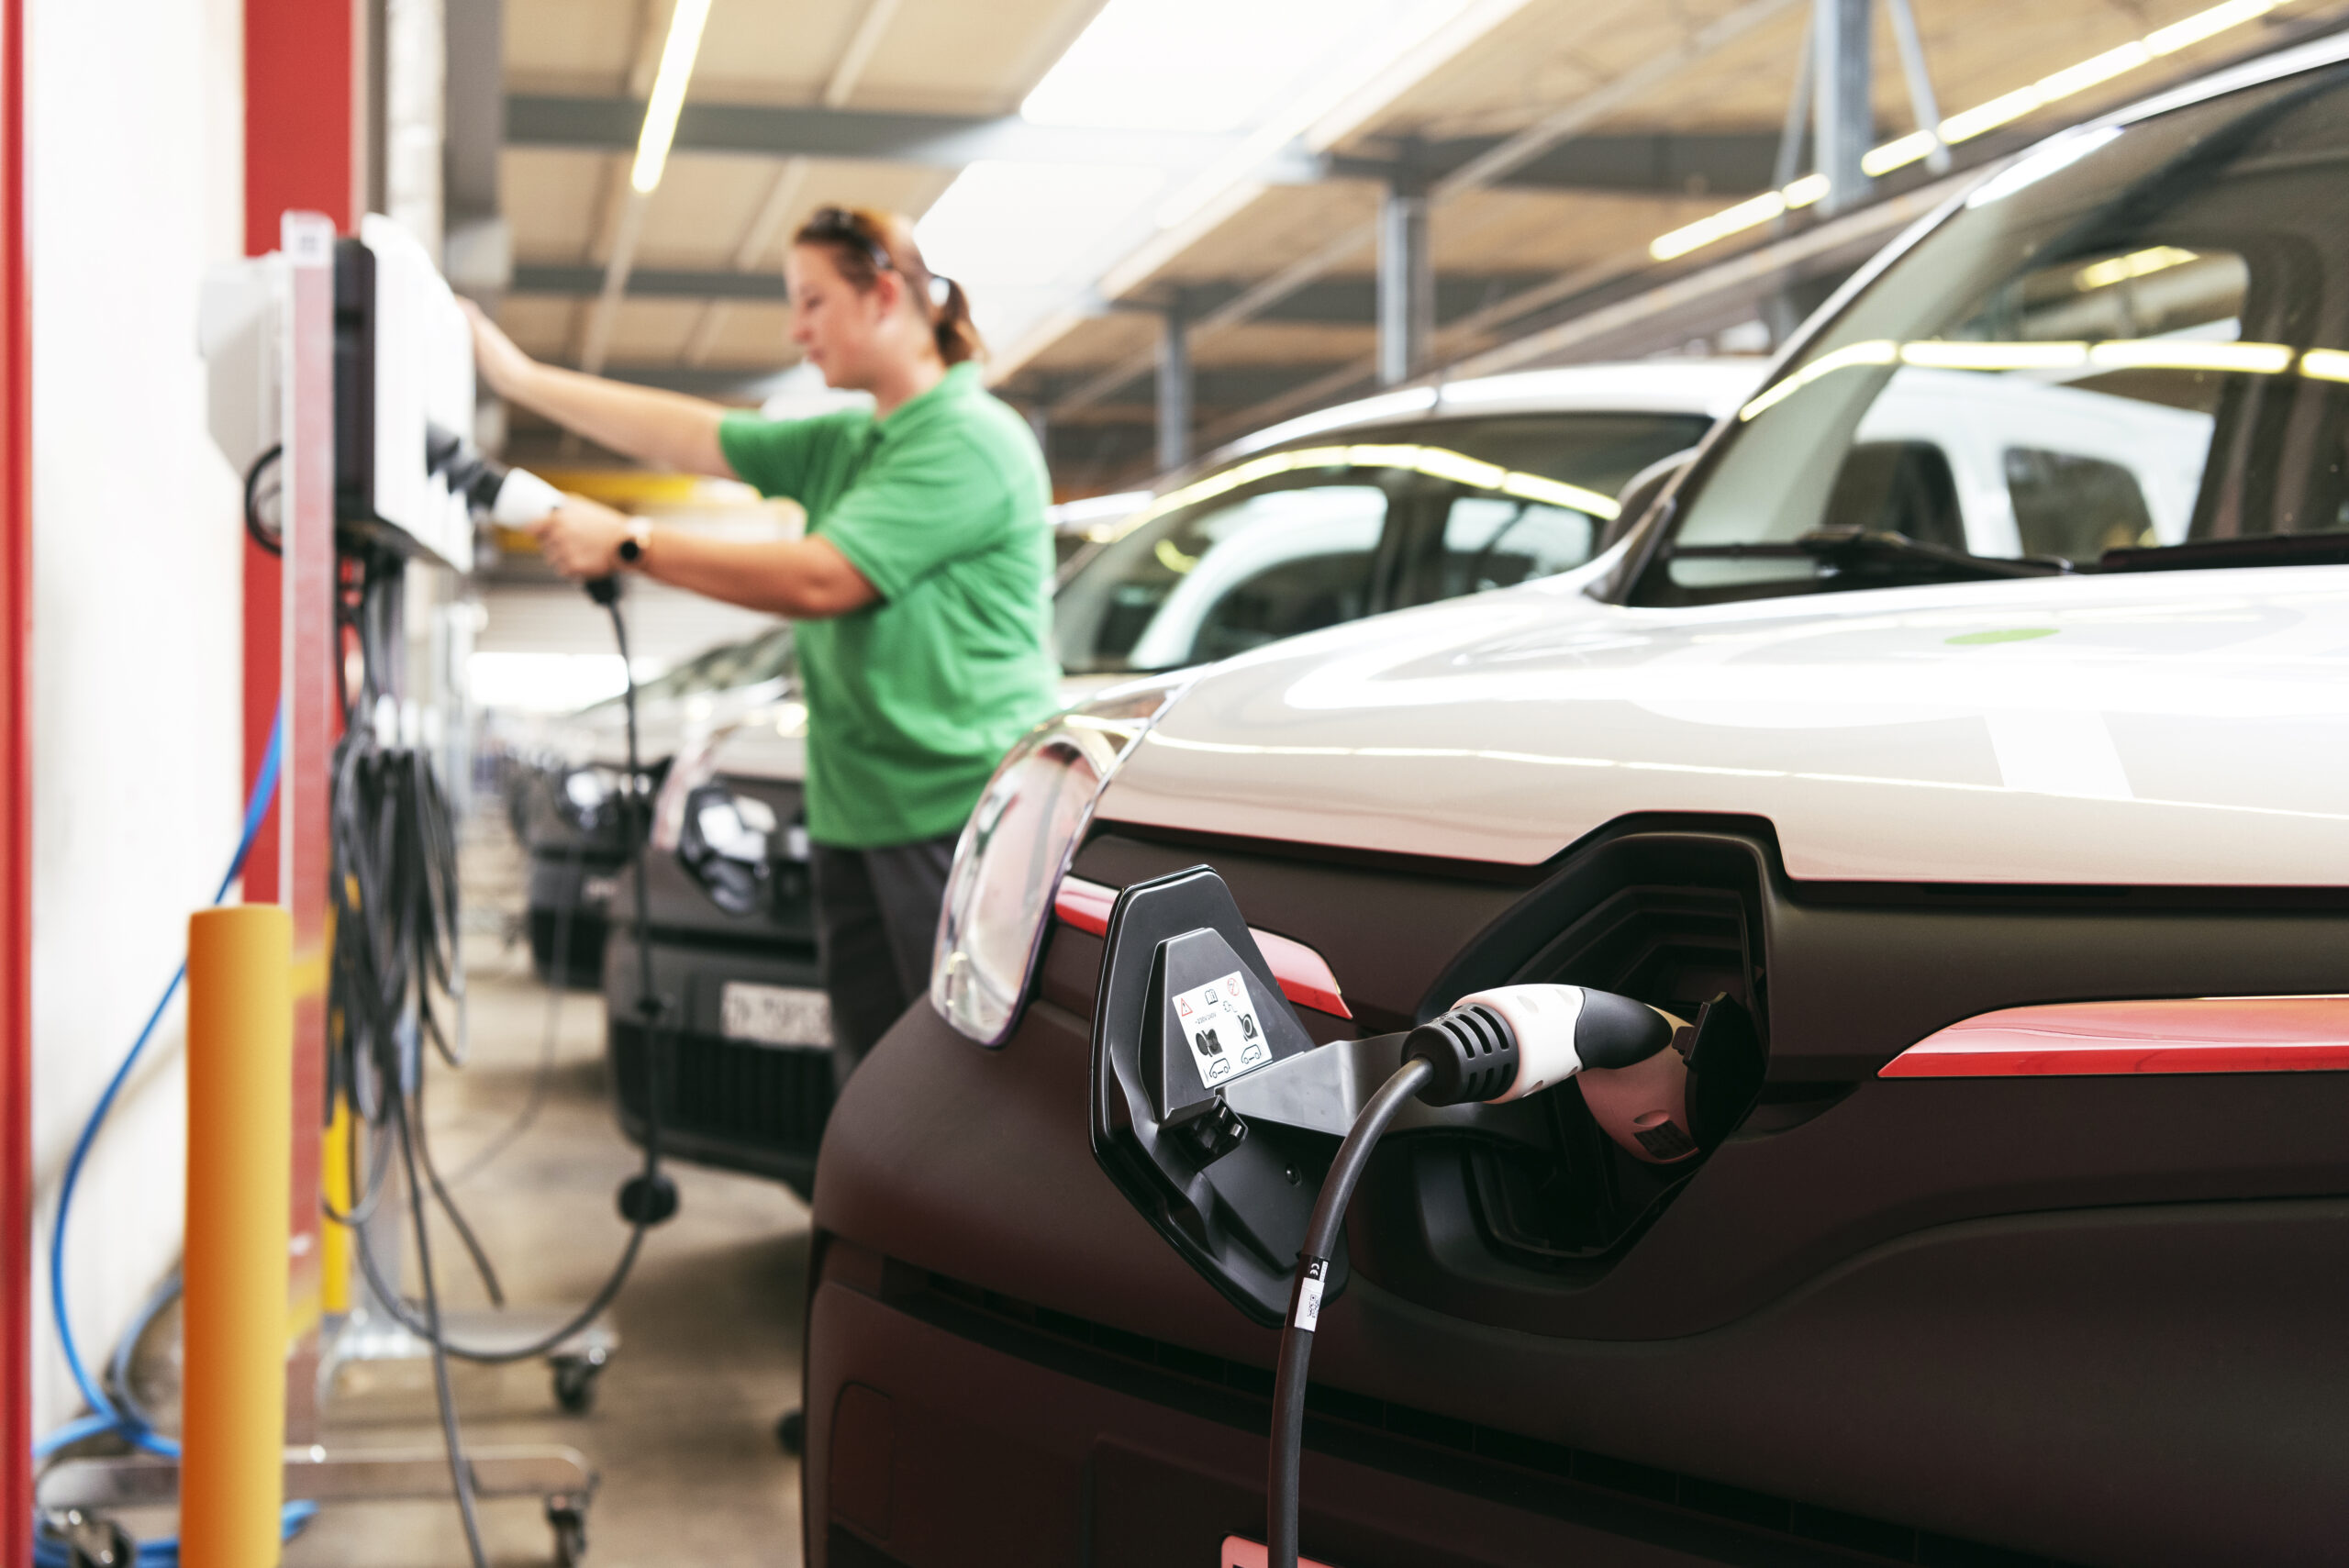 Eine Mitarbeiterin von Quickpac bedient eine Ladestation. Das Laden der Lieferwagen mittels Typ-2-Kabel ist ein Kinderspiel.